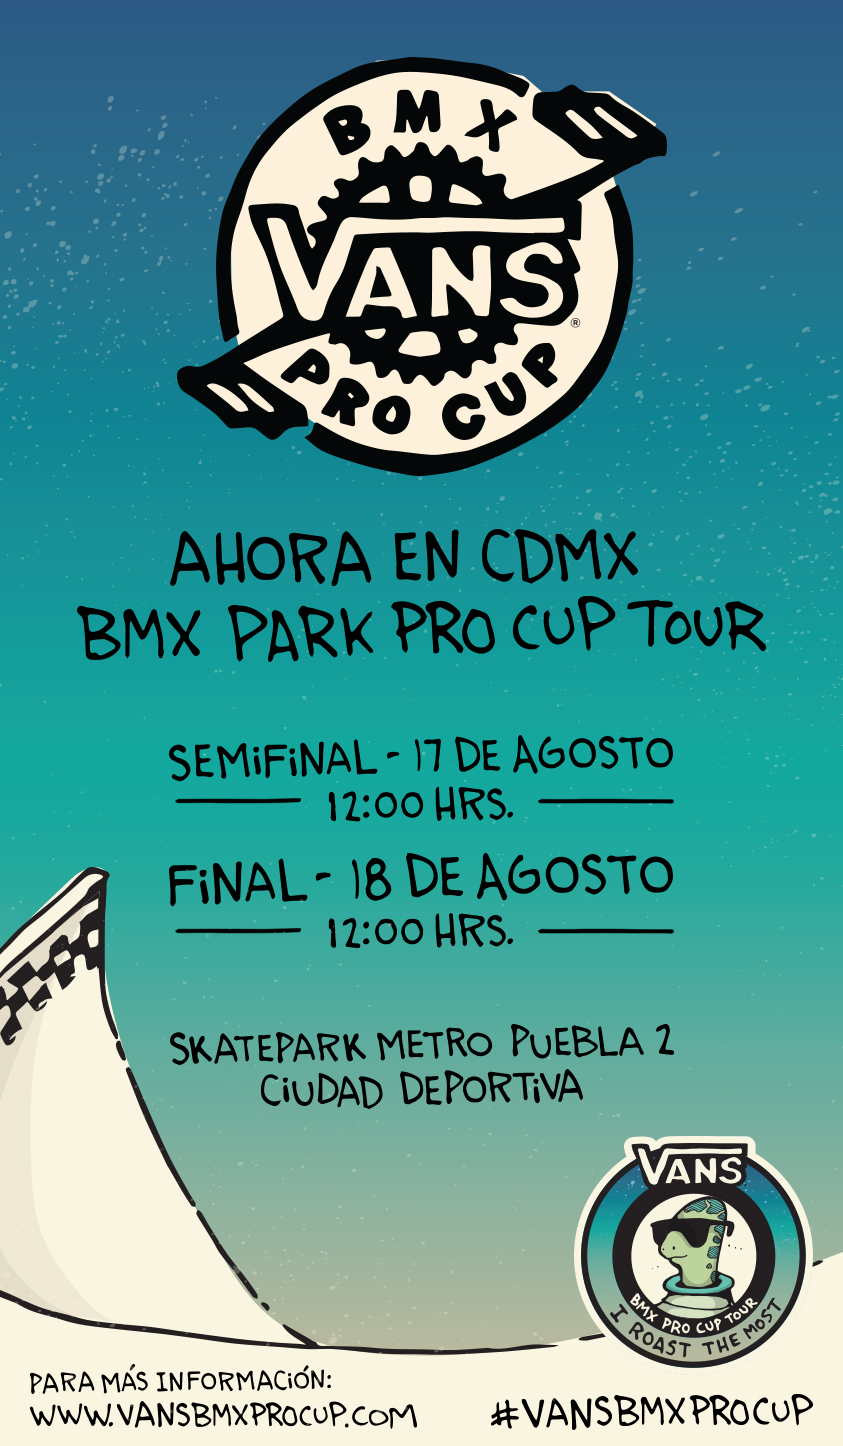 VANS BMX PRO CUP ESTARÁ EN LA CIUDAD DE MÉXICO